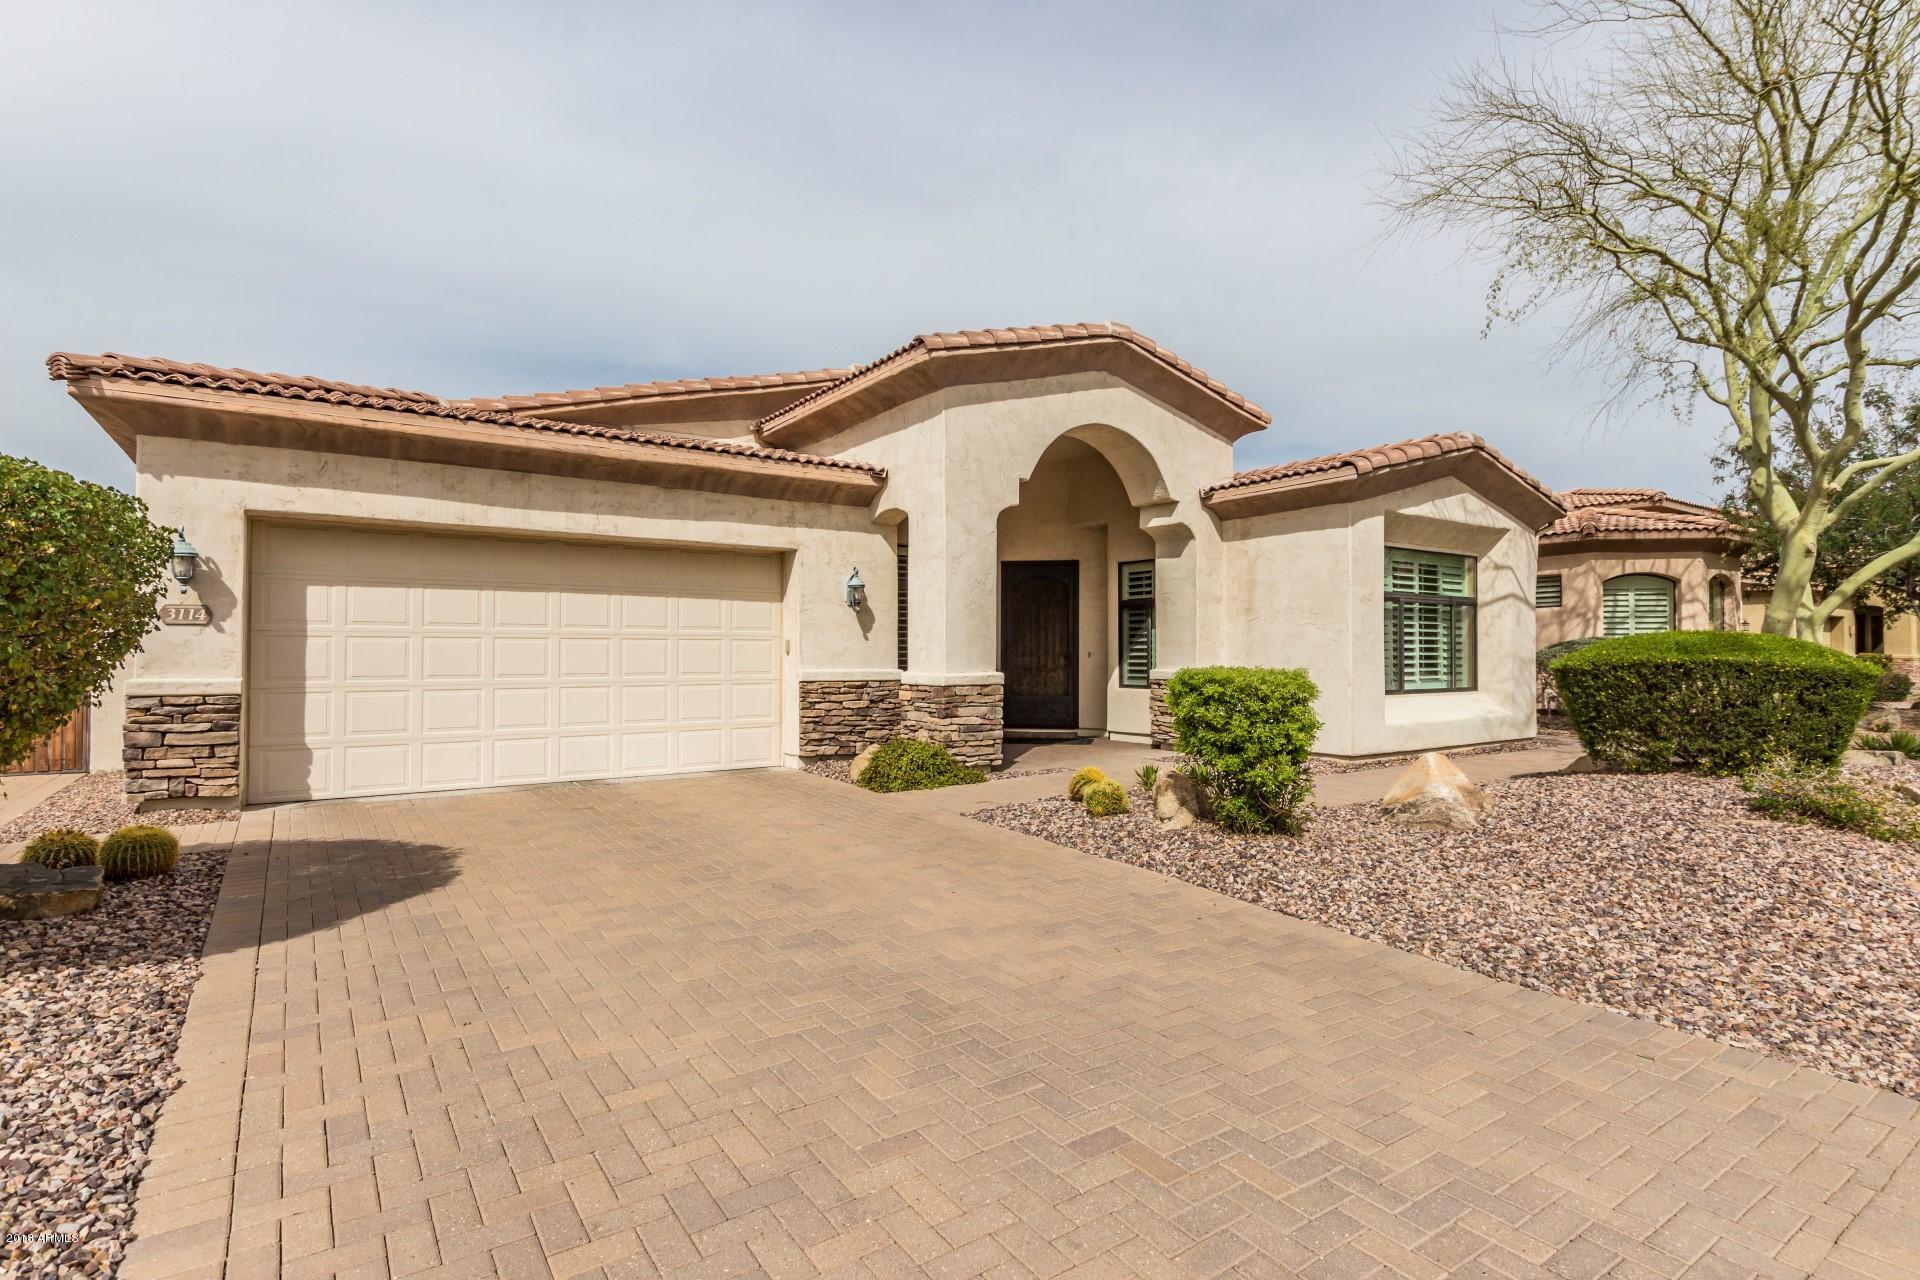 3114 E MINNEZONA Avenue Phoenix AZ 85016